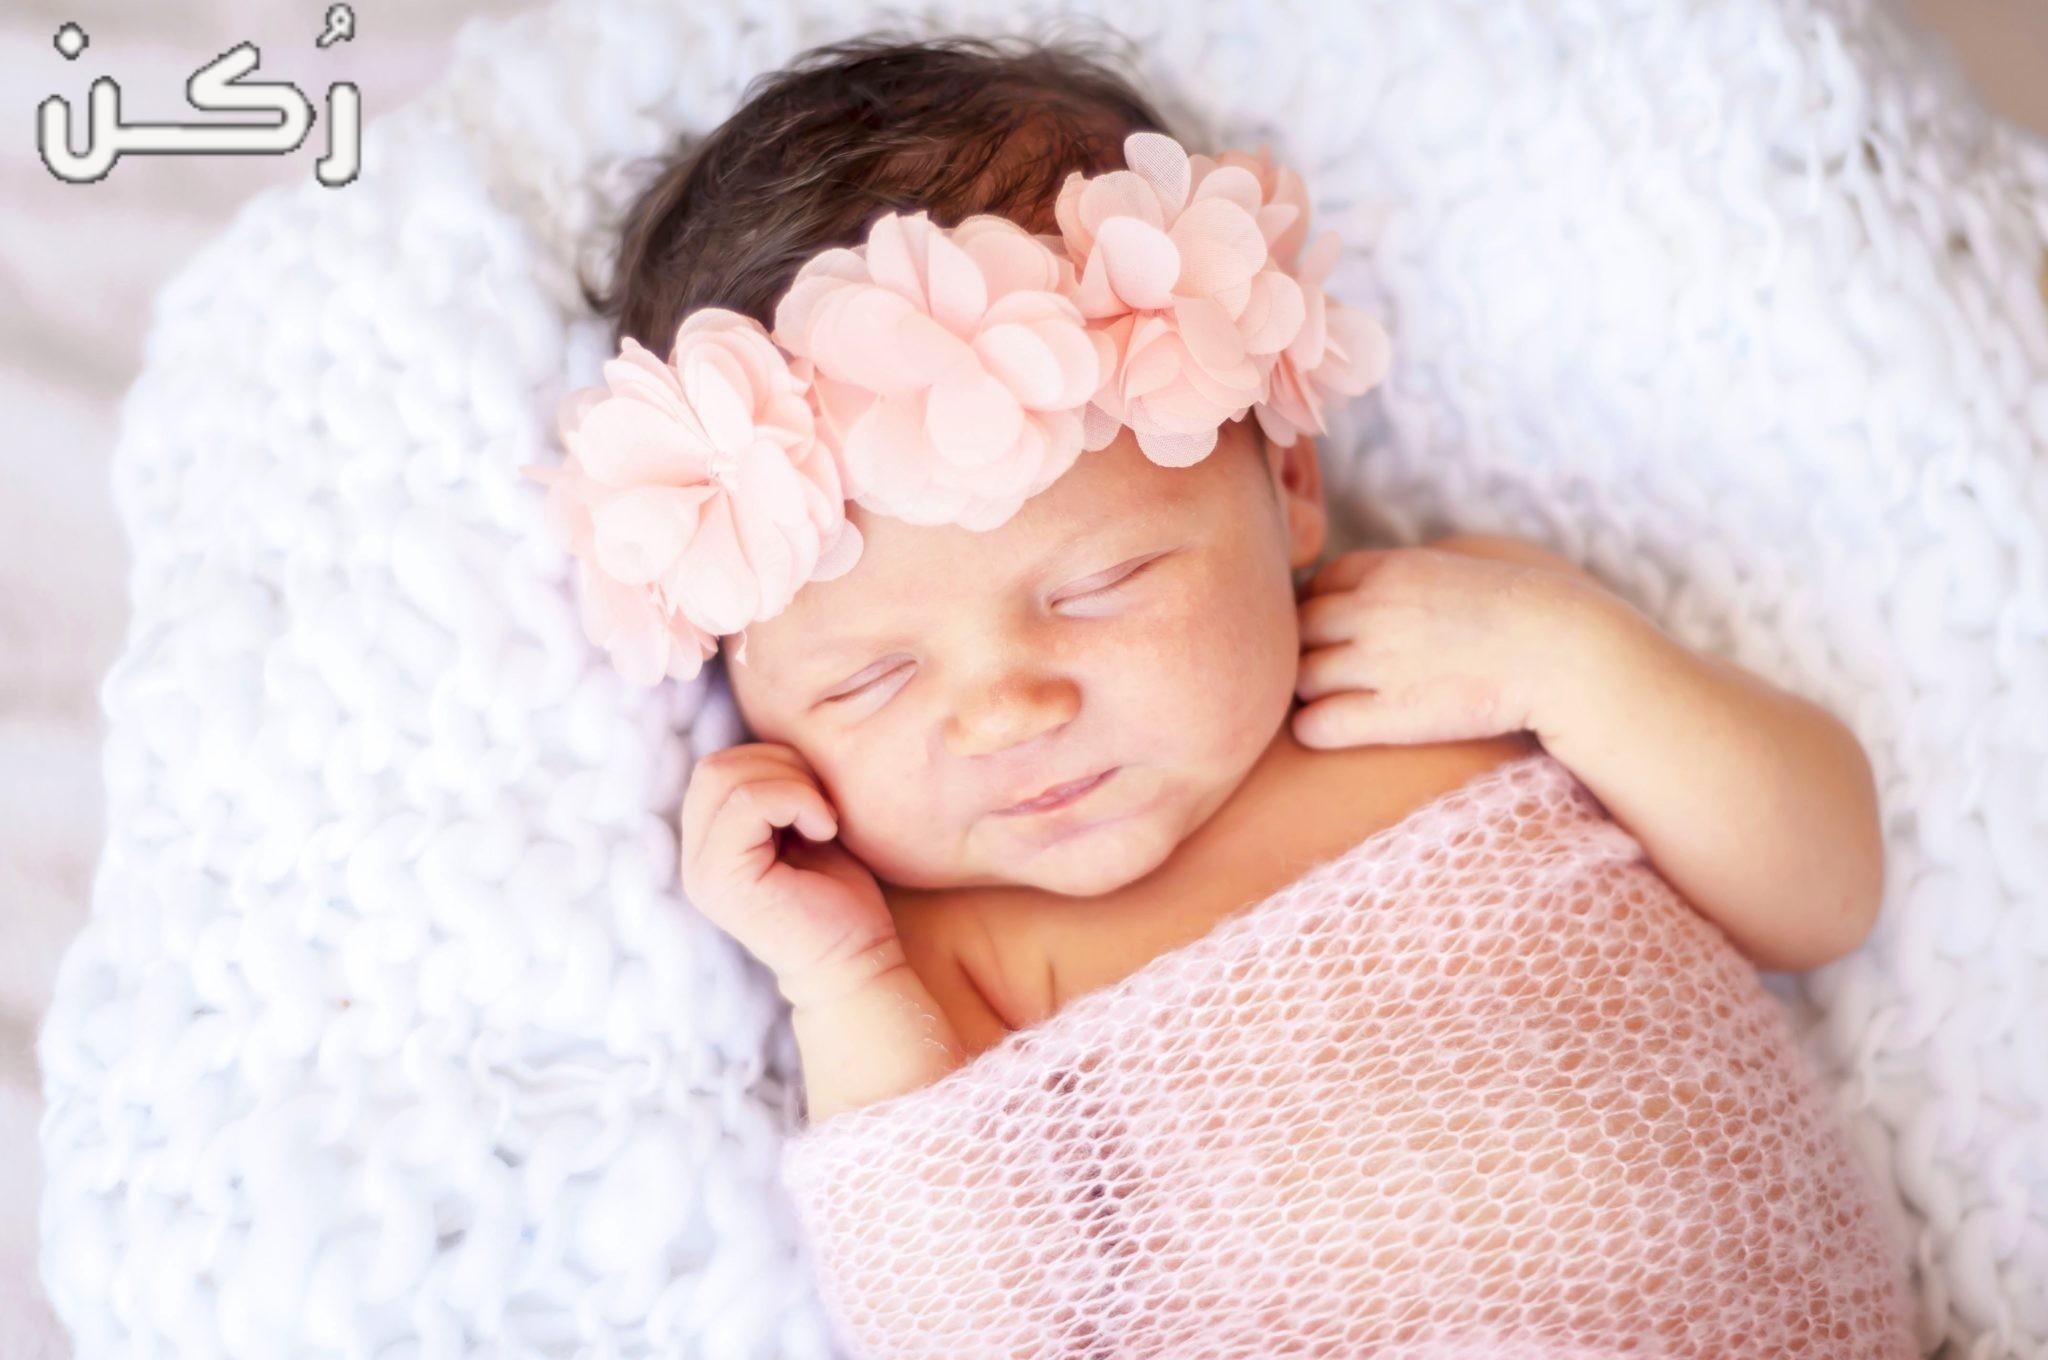 اسماء بنات بحرف الخاء للمواليد الجديدة 2020